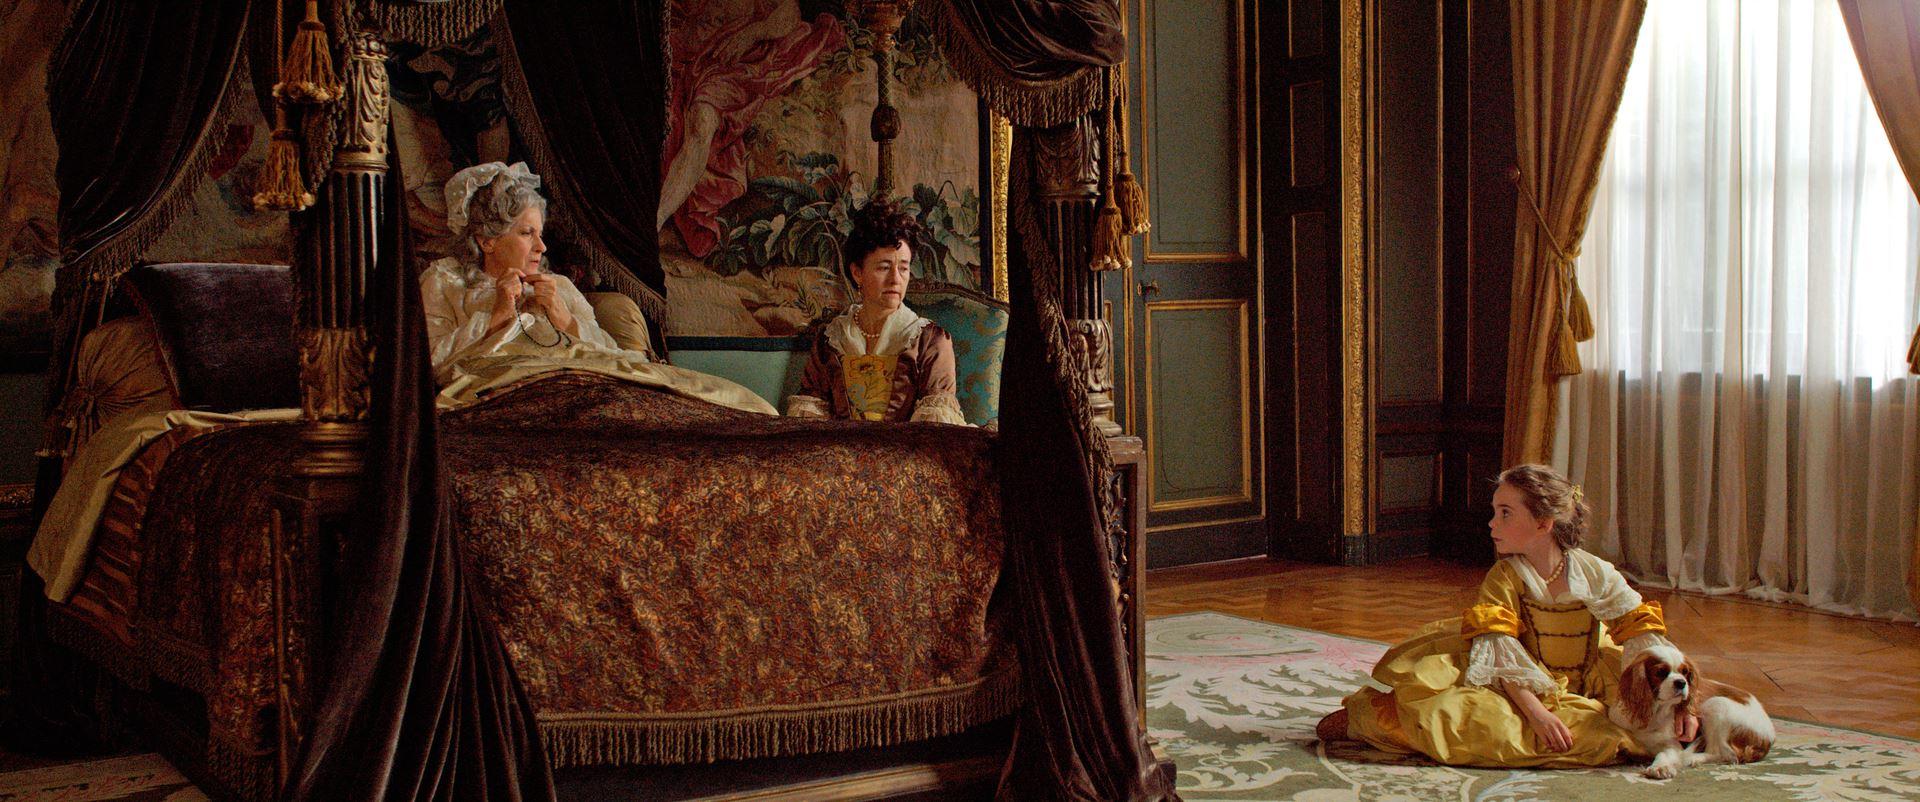 Lo scambio di principesse recensione film di Marc Dugain con Lambert Wilson